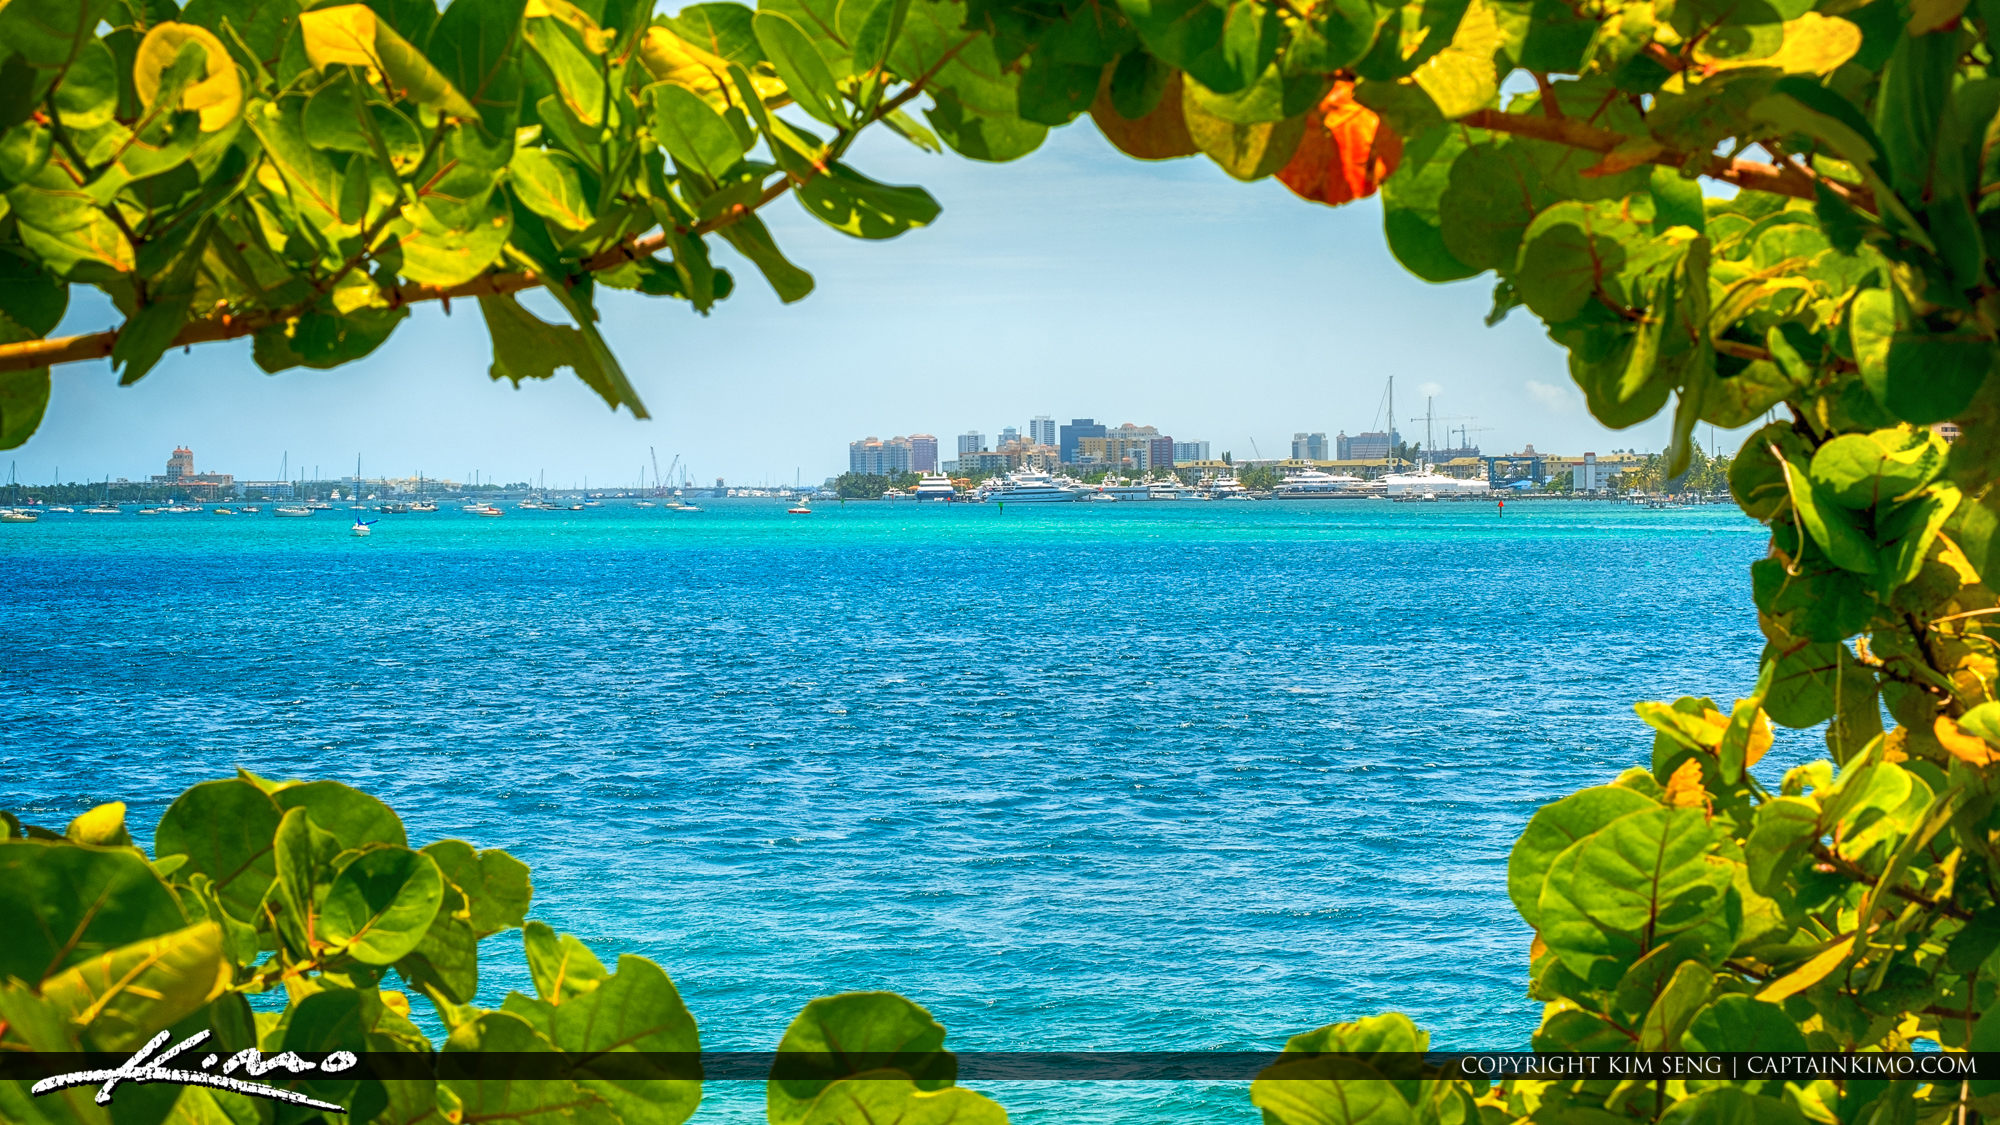 West Palm Beach Skyline from Peanut Island